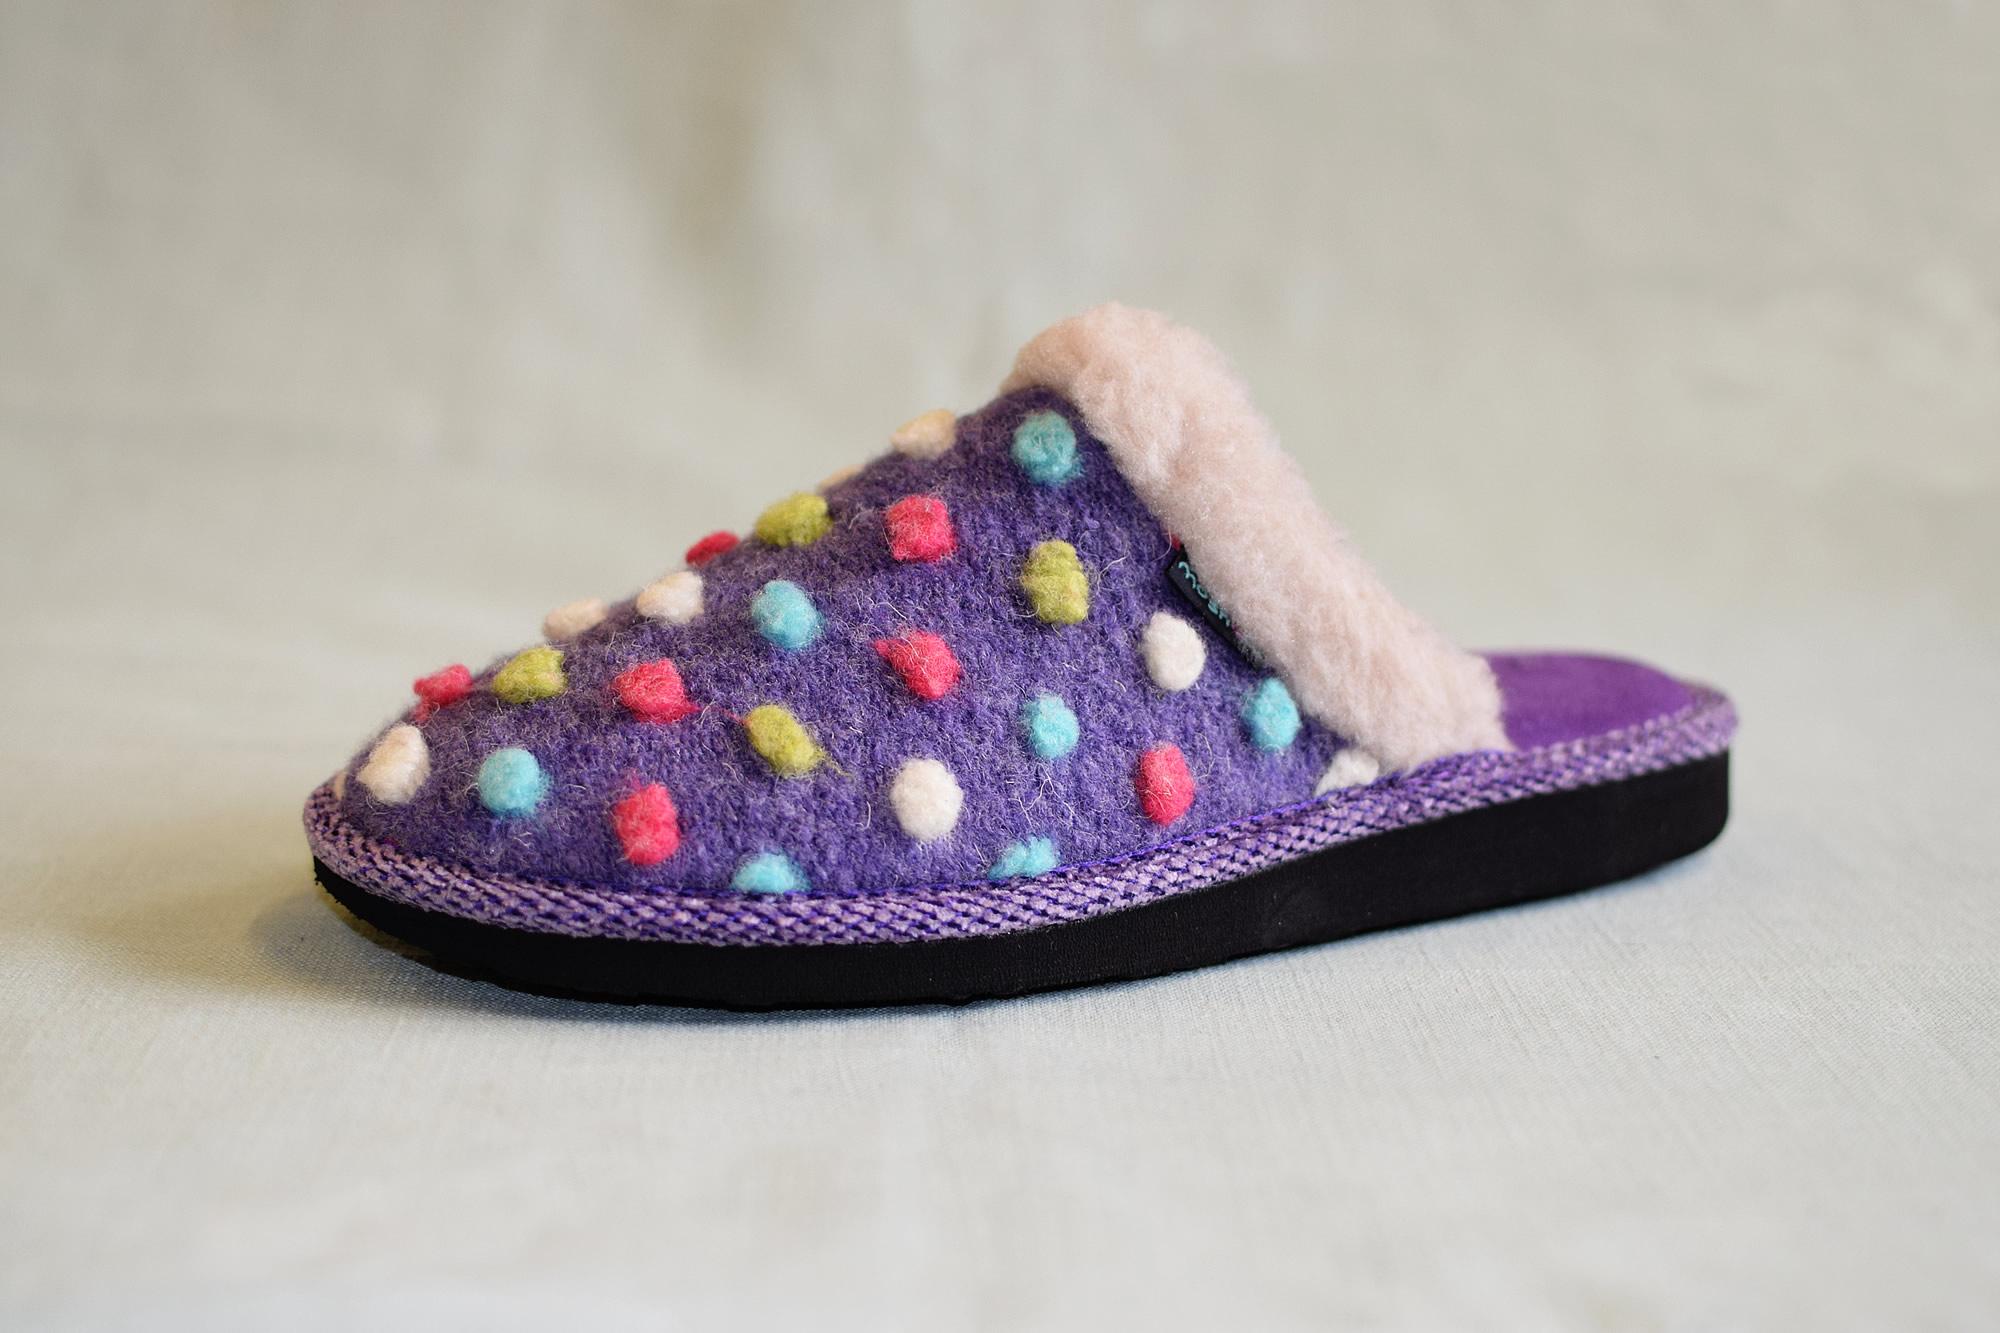 ef52e27e7 Moshulu ladies slippers sue read shoes jpg 2000x1333 Moshulu shoes